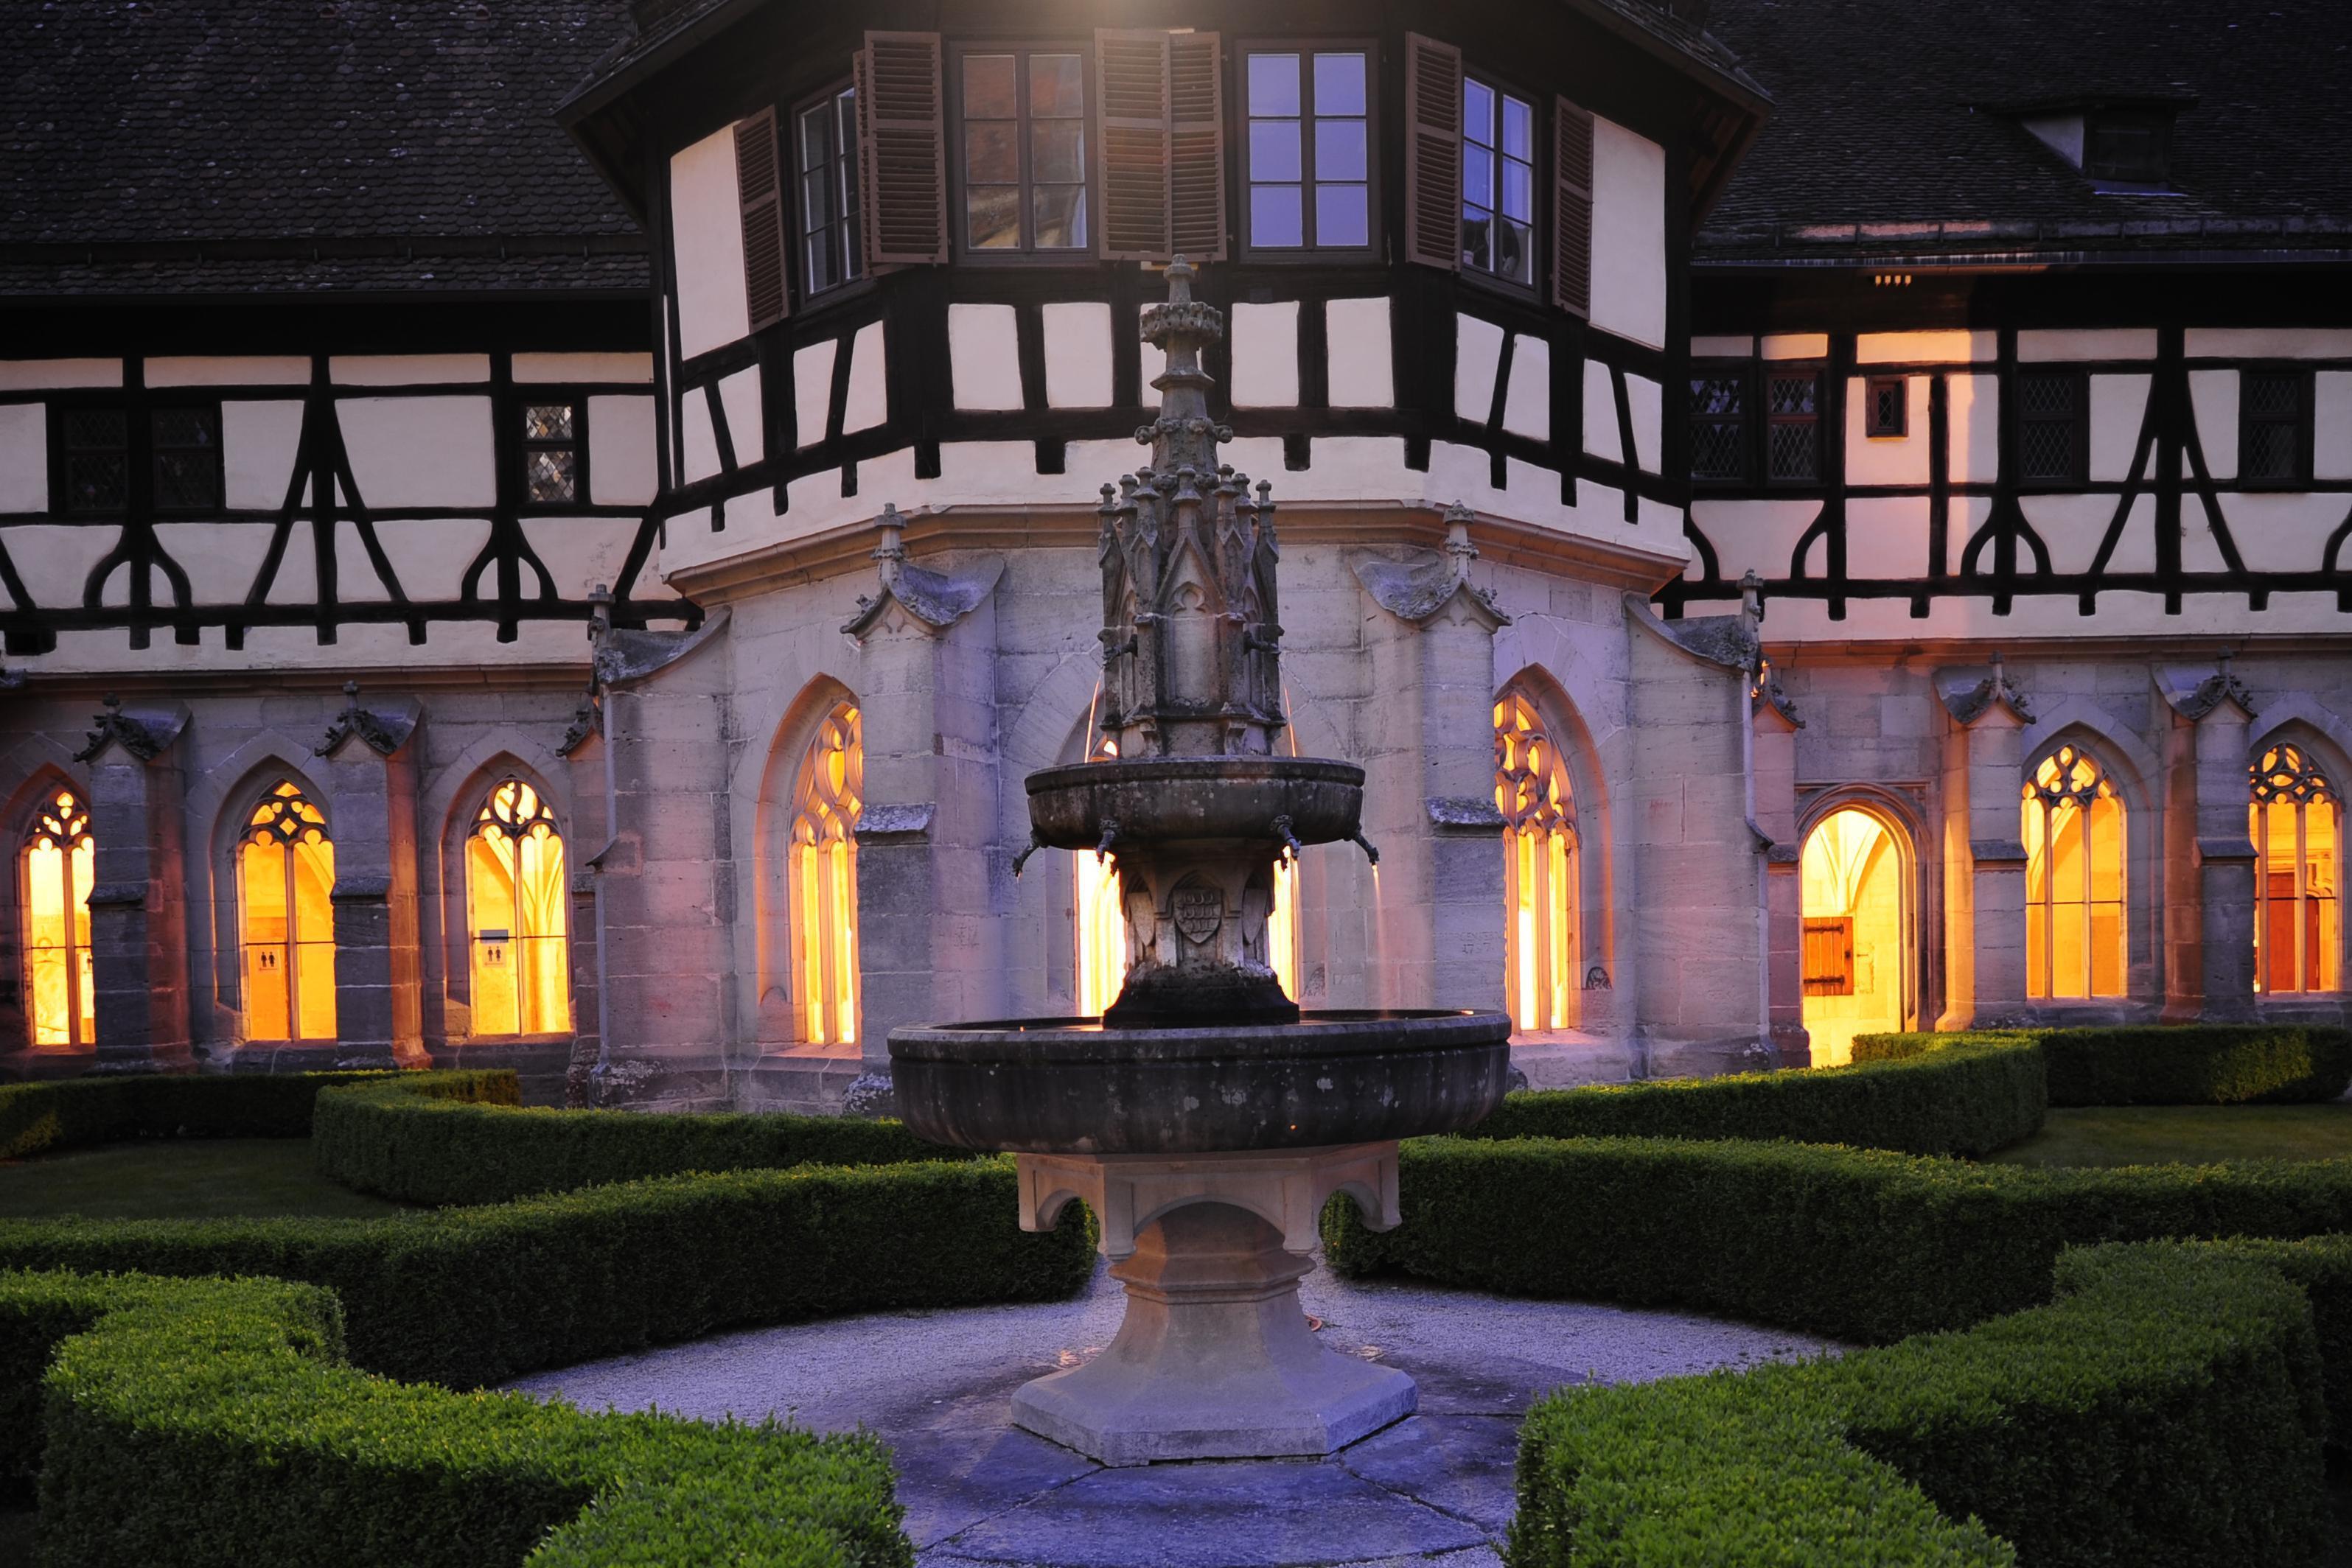 Kloster Bebenhausen, stimmungsvoll beleuchtet; Foto: Staatliche Schlösser und Gärten Baden-Württemberg, Mayer